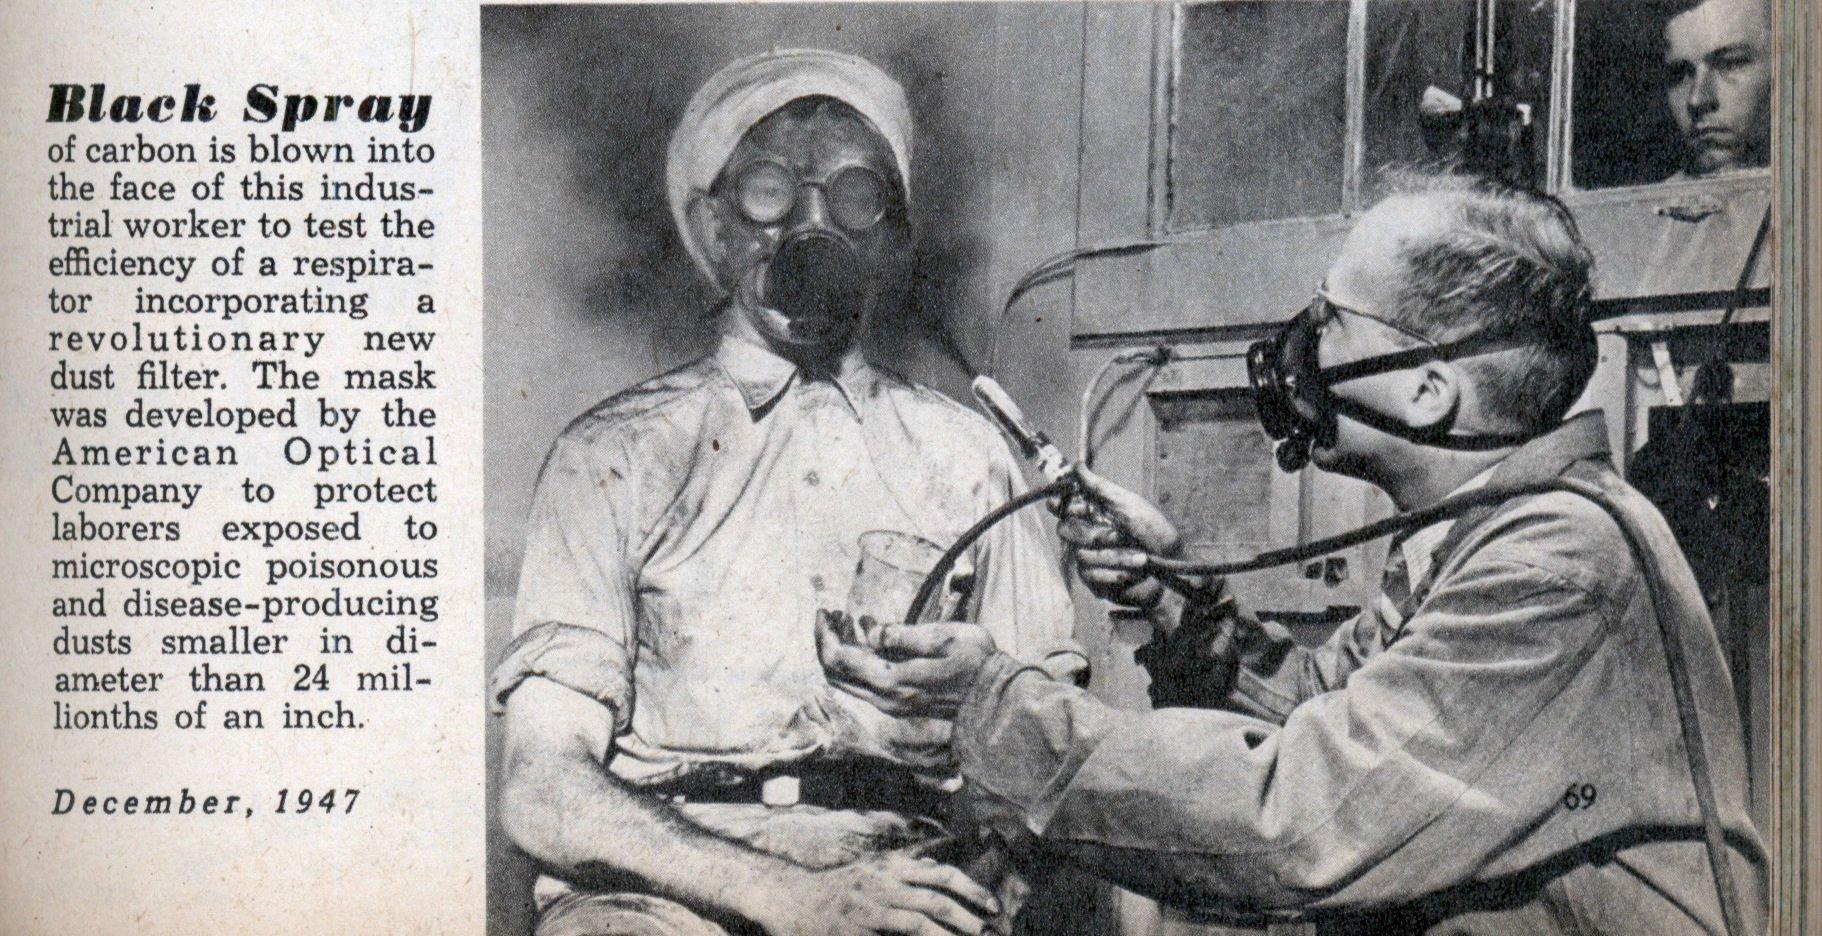 грипп отвратительные мужики disgusting men flu